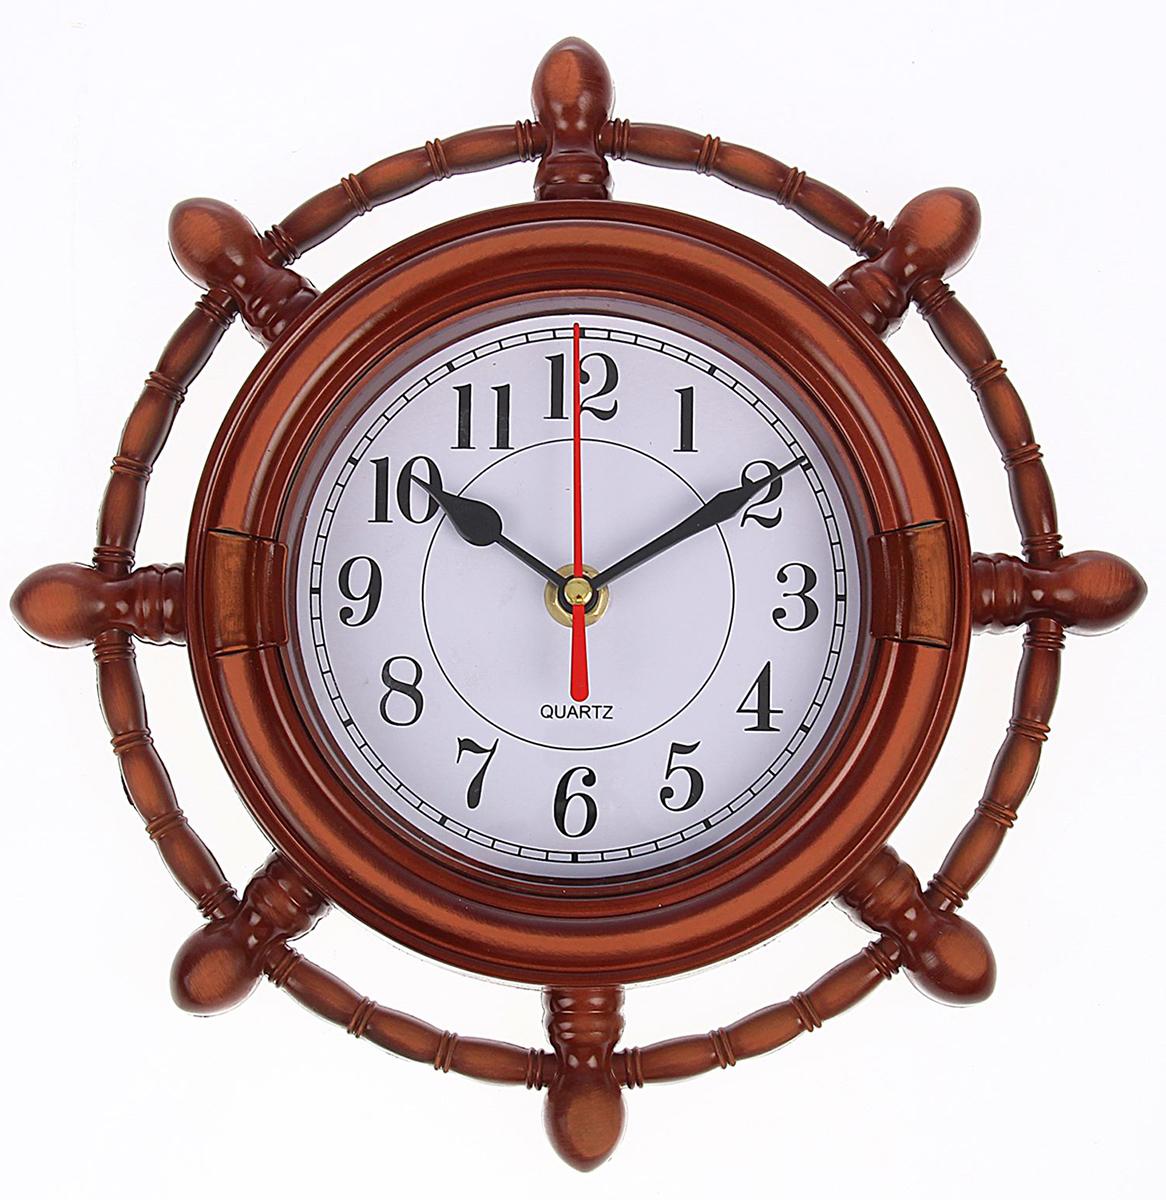 Часы настенные Штурвал мини, диаметр 24 см834808Часы настенные Штурвал мини с круглым циферблатом - функциональная деталь интерьера в доме. Окружите себя приятными мелочами, пусть они радуют глаз и дарят гармонию.